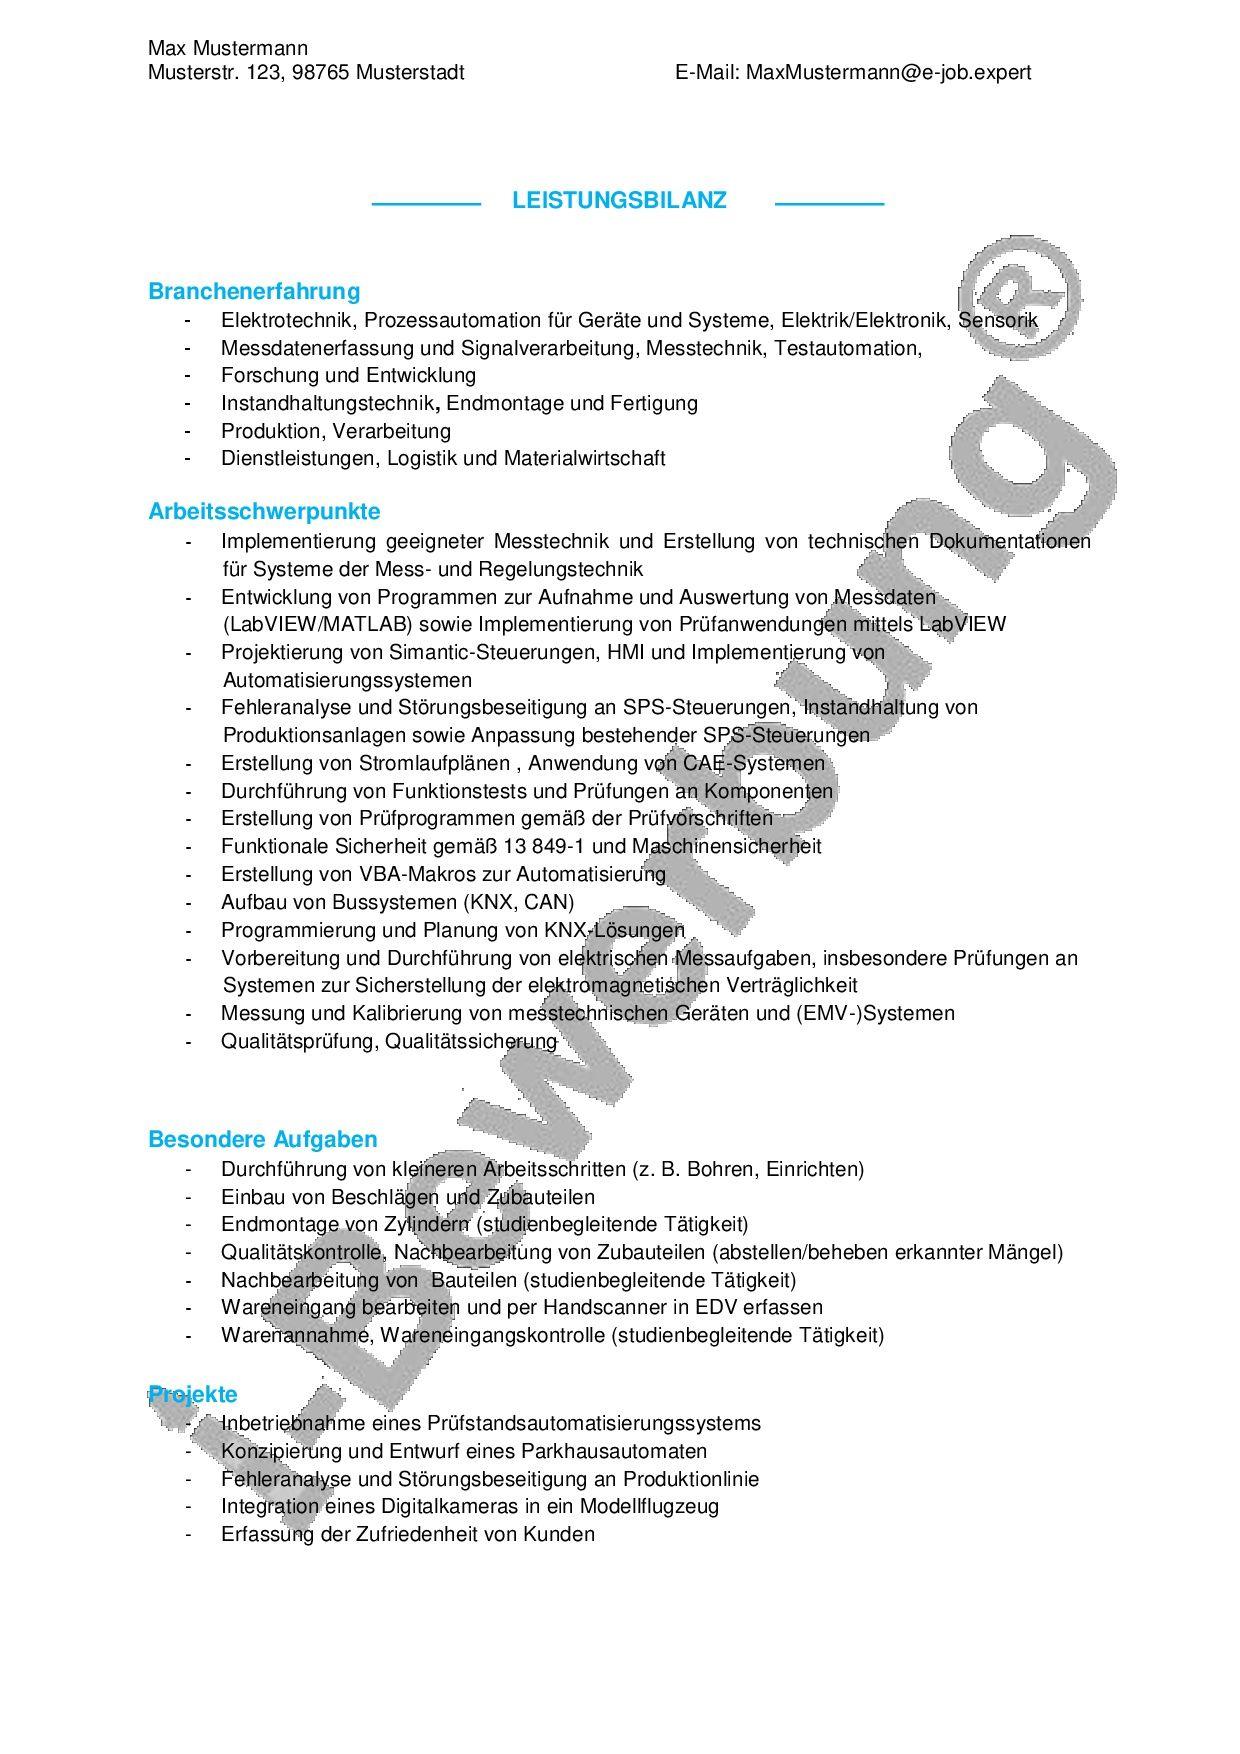 Beispiele Und Muster Fur Ein Qualifikationsprofil Bewerbung Anschreiben Profil